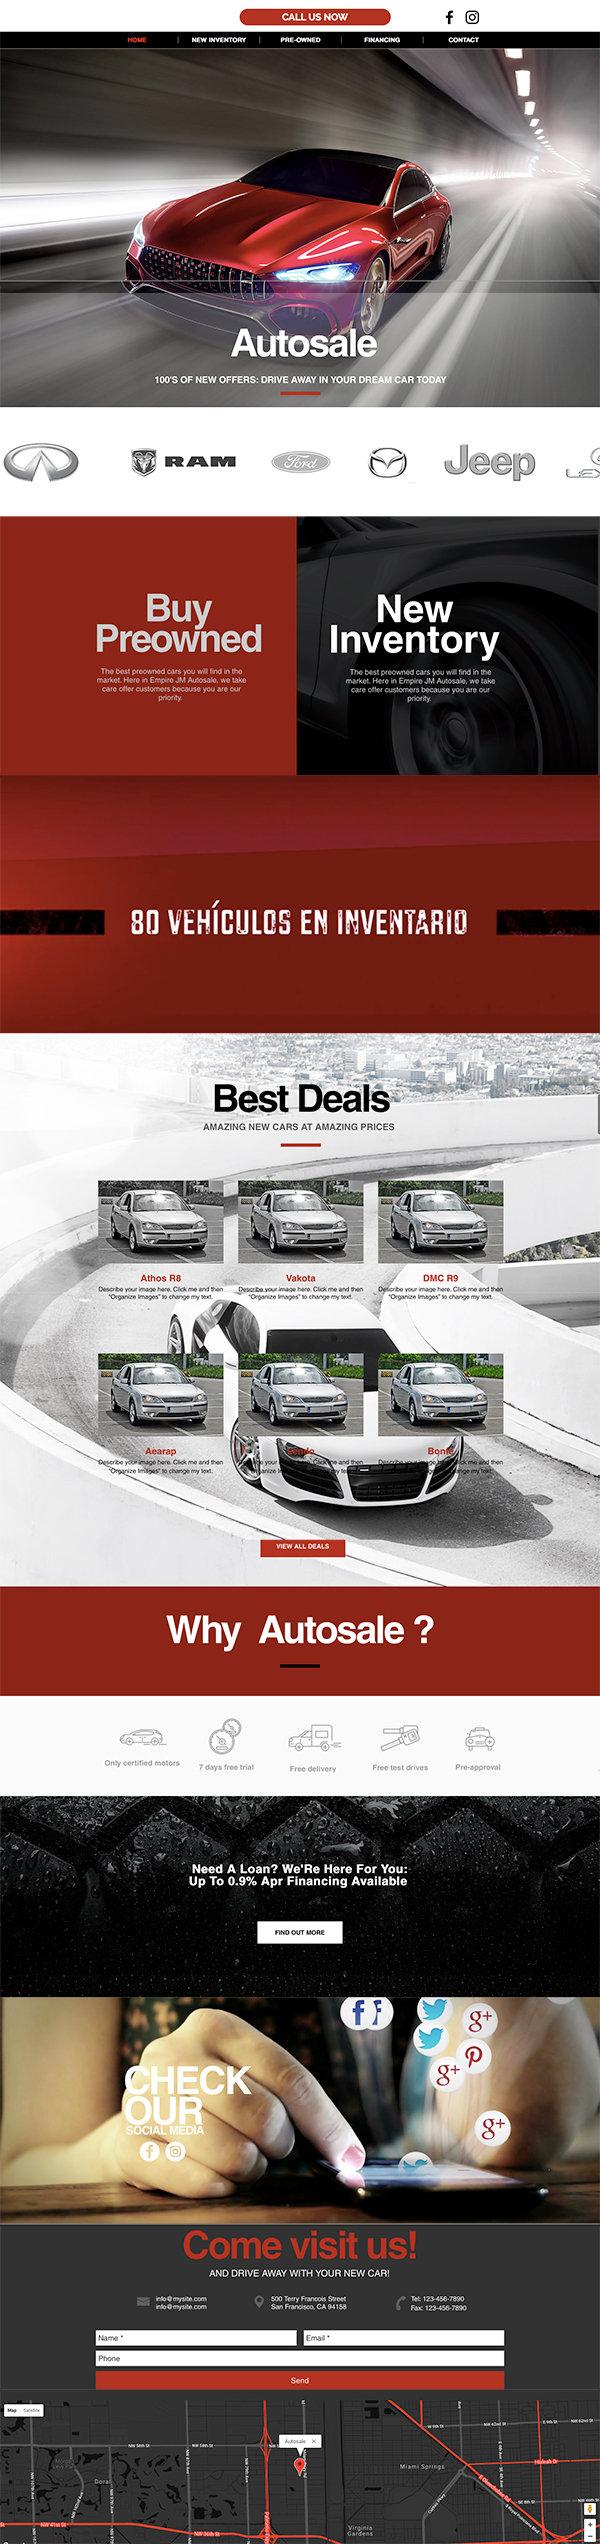 pembroke-pines-website-design-car-dealership.jpg